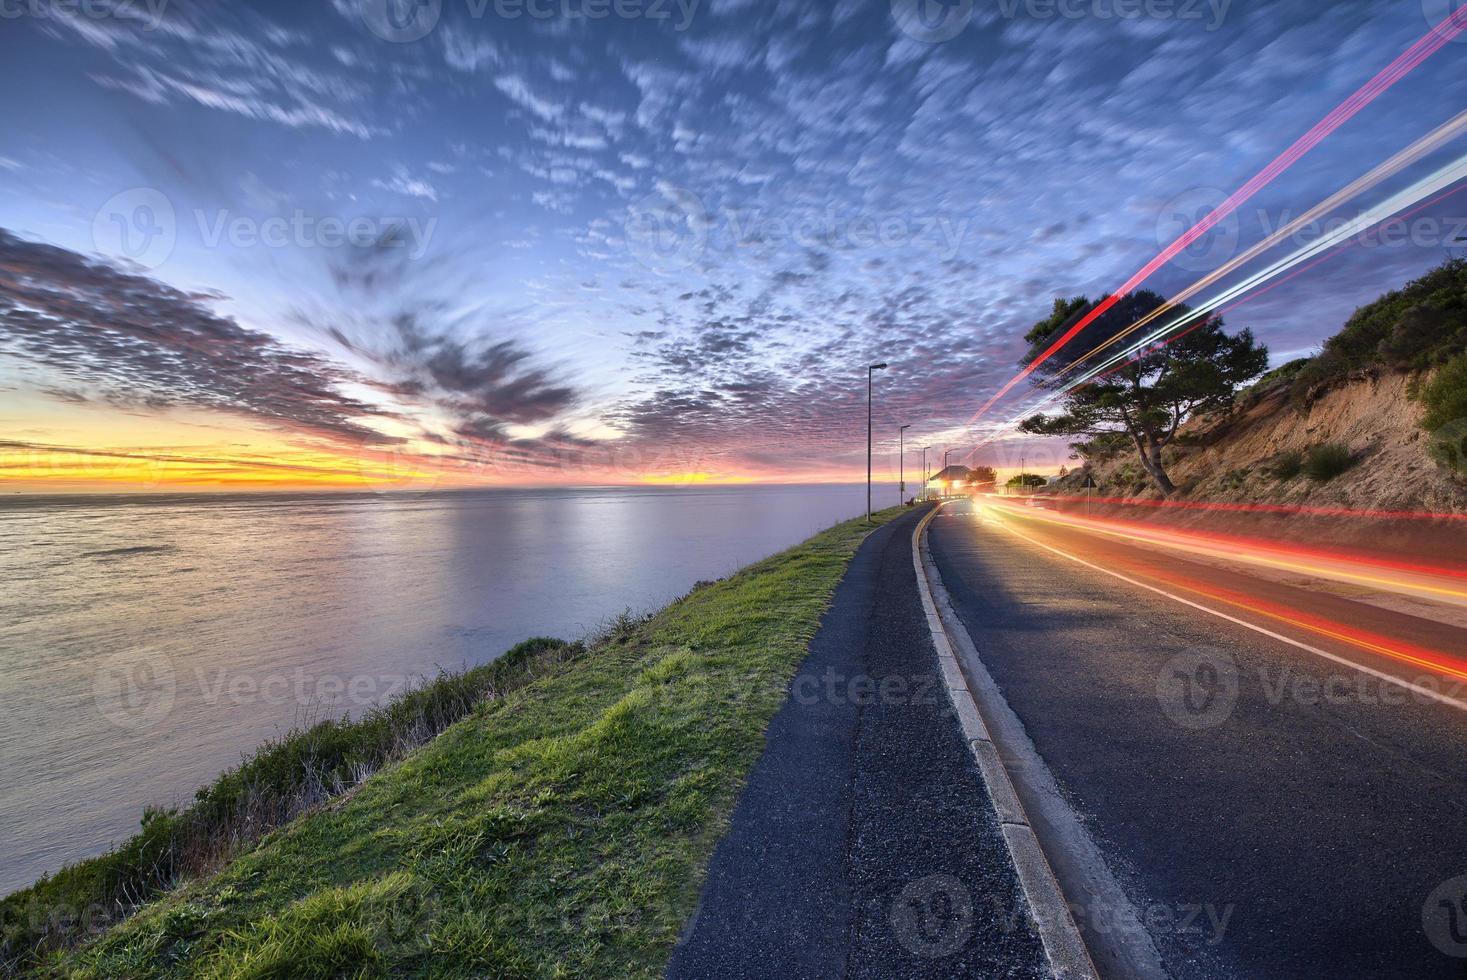 oceano e pôr do sol urbano foto